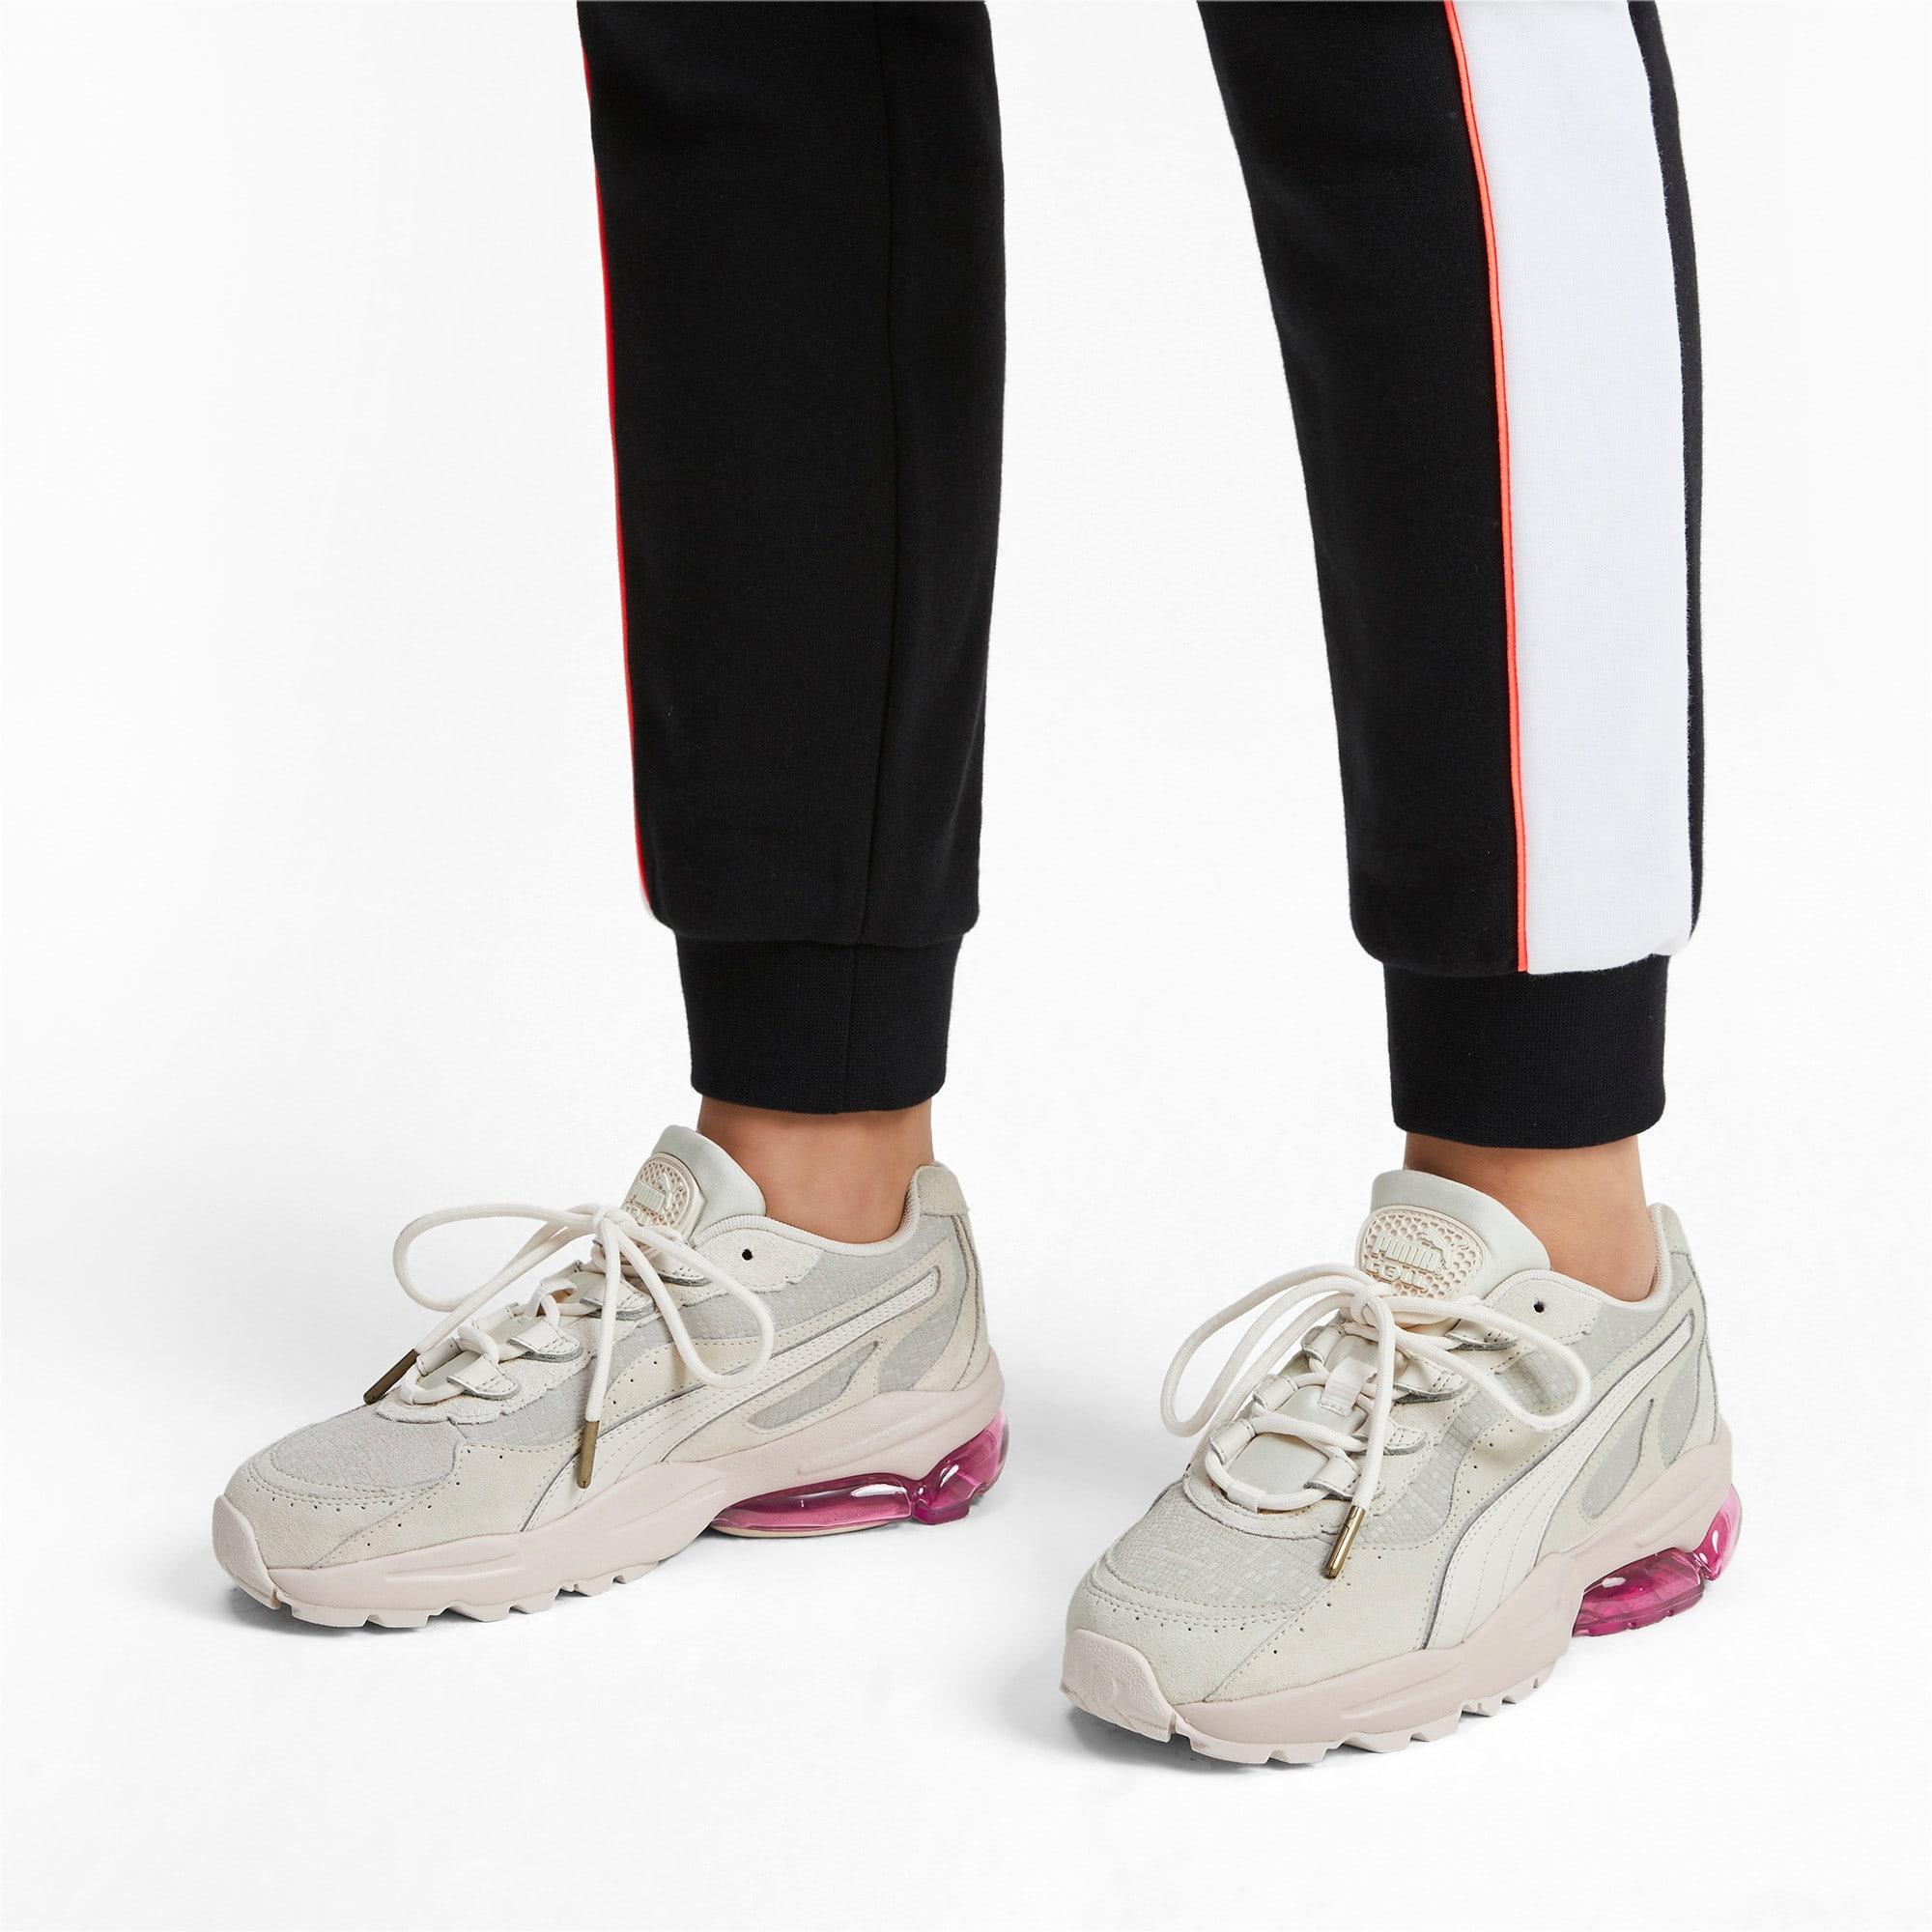 Thumbnail 2 of CELL Stellar Tonal sportschoenen voor dames, Marshmallow-Puma Team Gold, medium